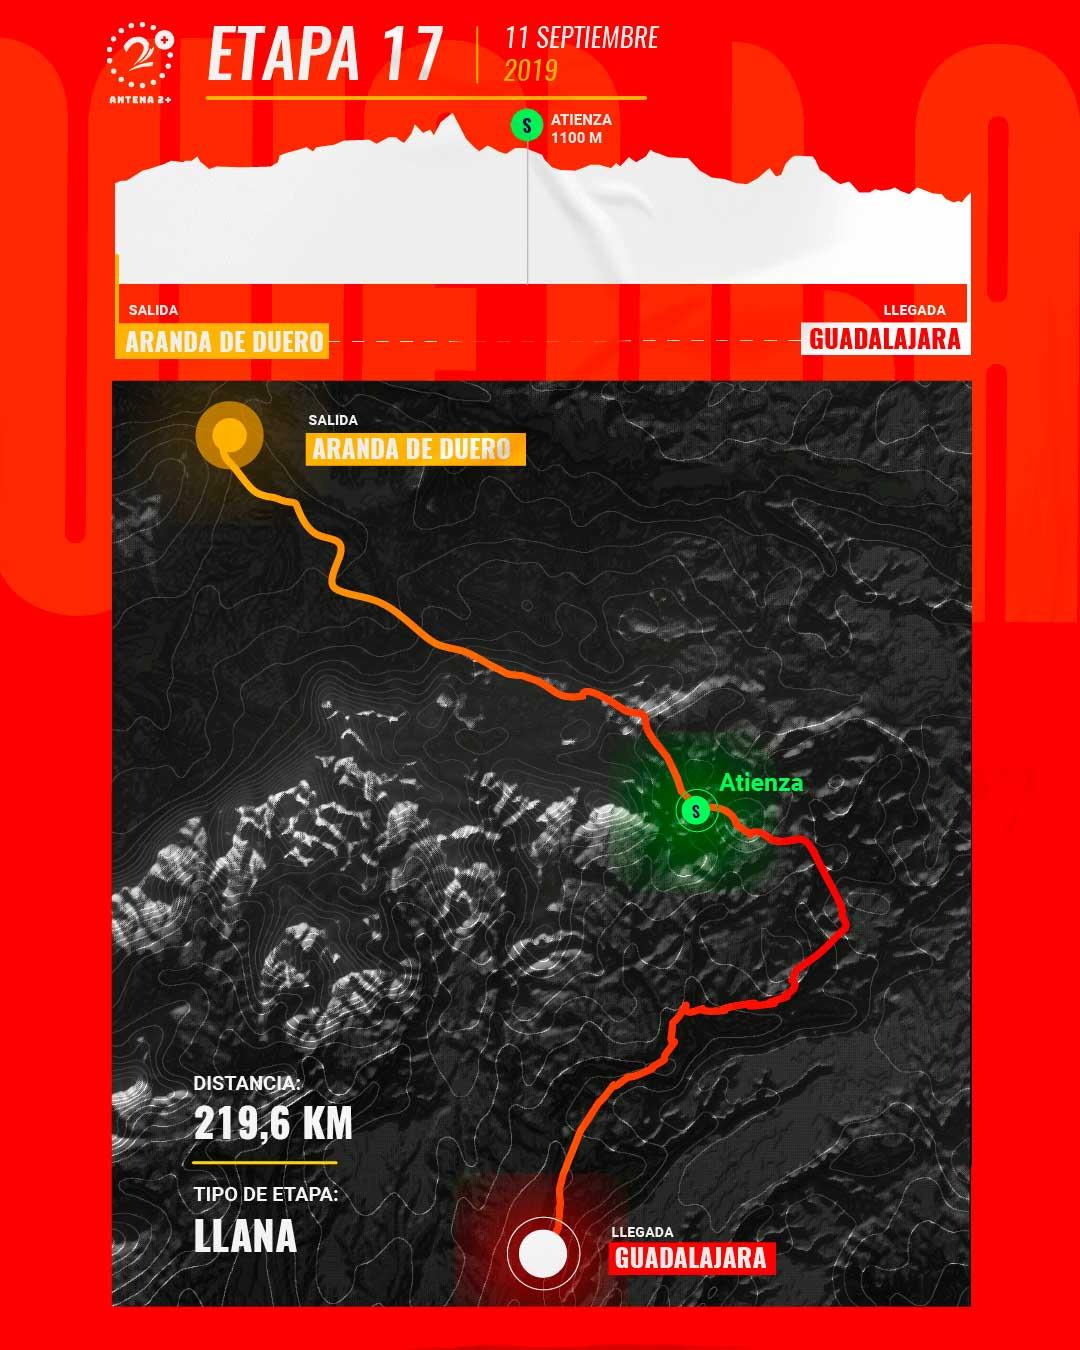 Etapa 17, Vuelta a España 2019